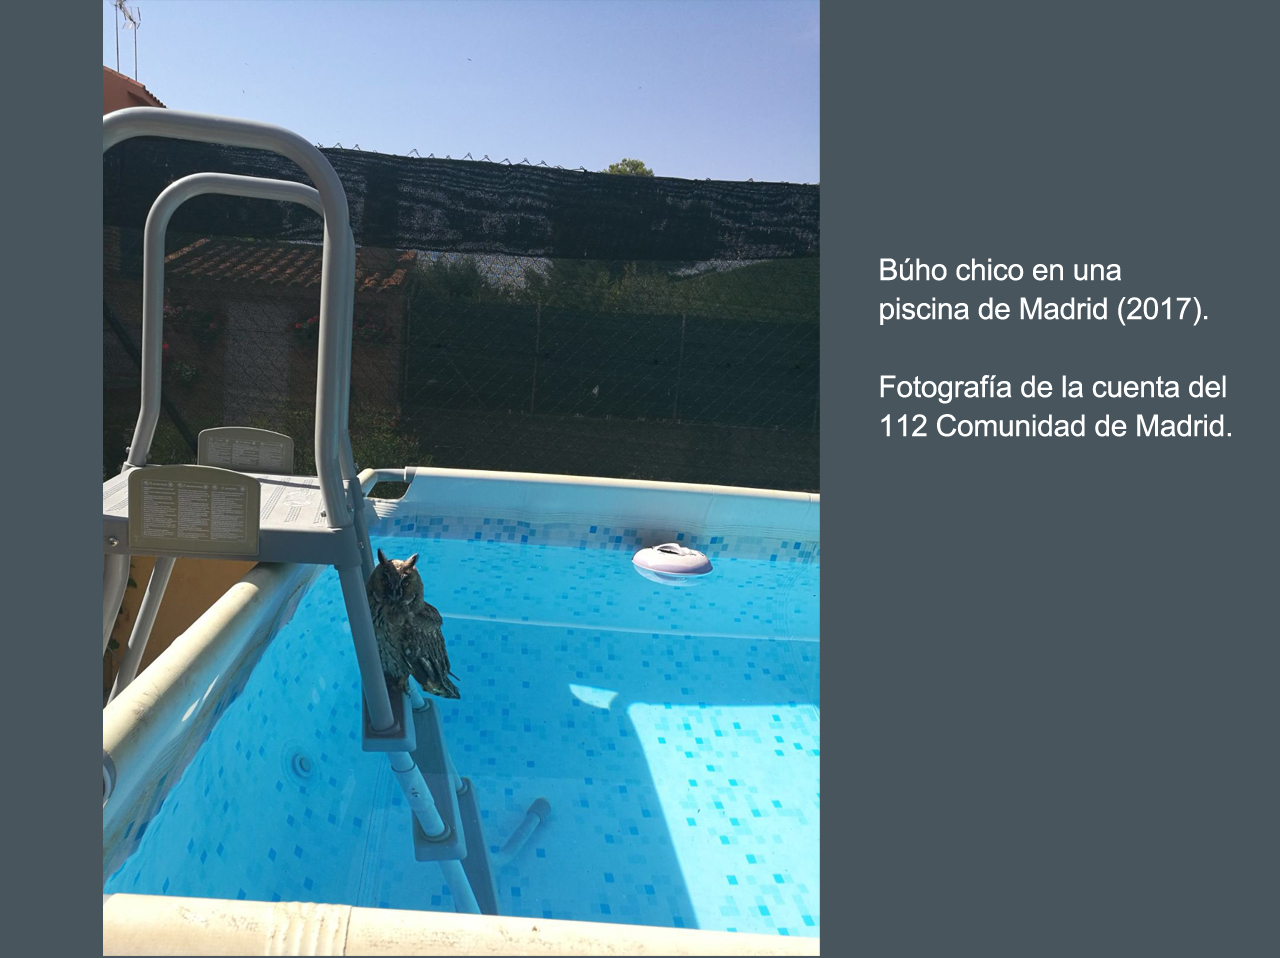 Búho chico, en una piscina privada de Madrid. Imagen: 112 Comunidad de Madrid